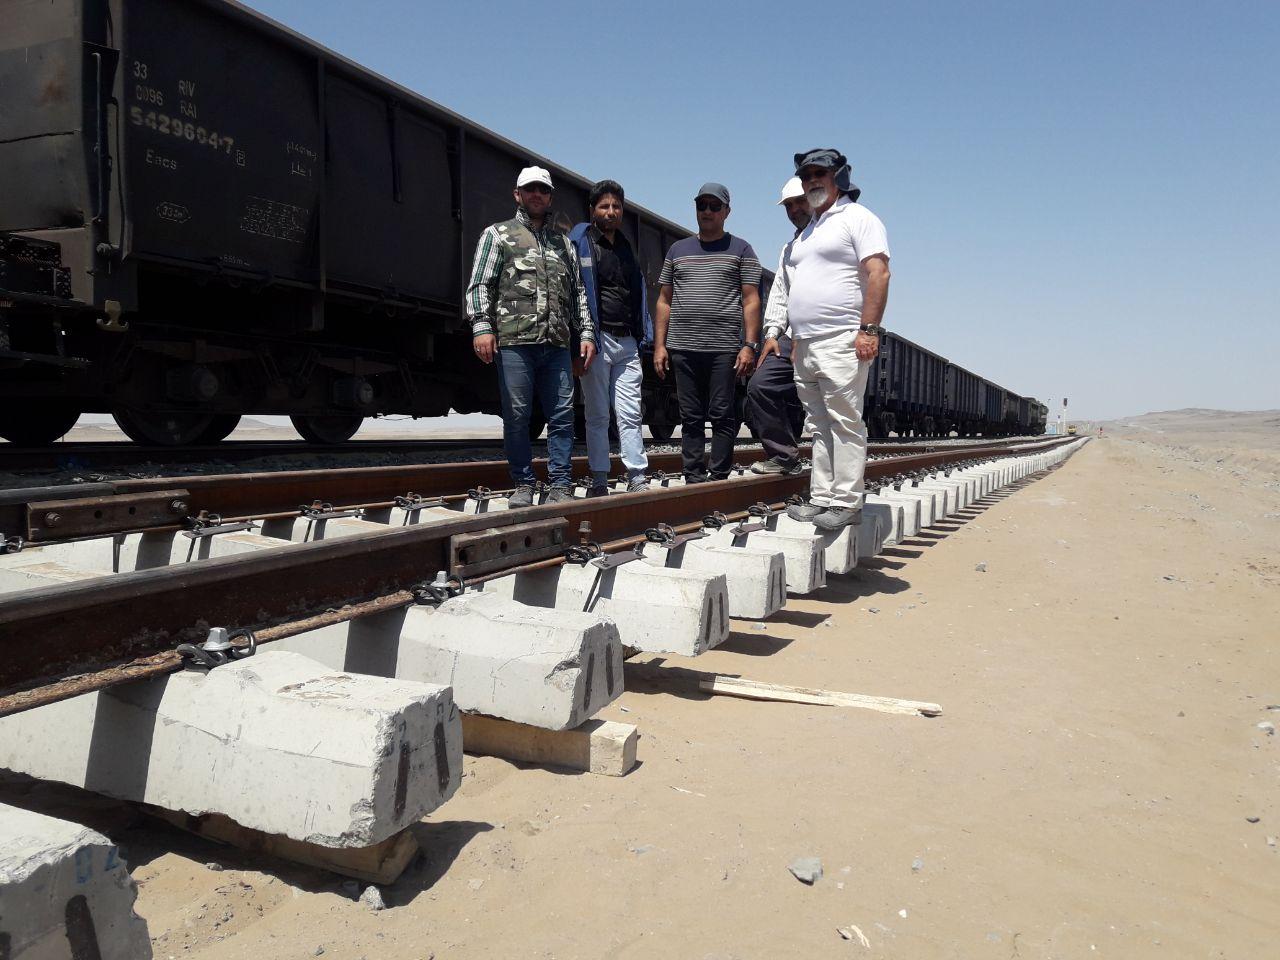 اجرای سیستم روسازی تیرخط در راه آهن شرق